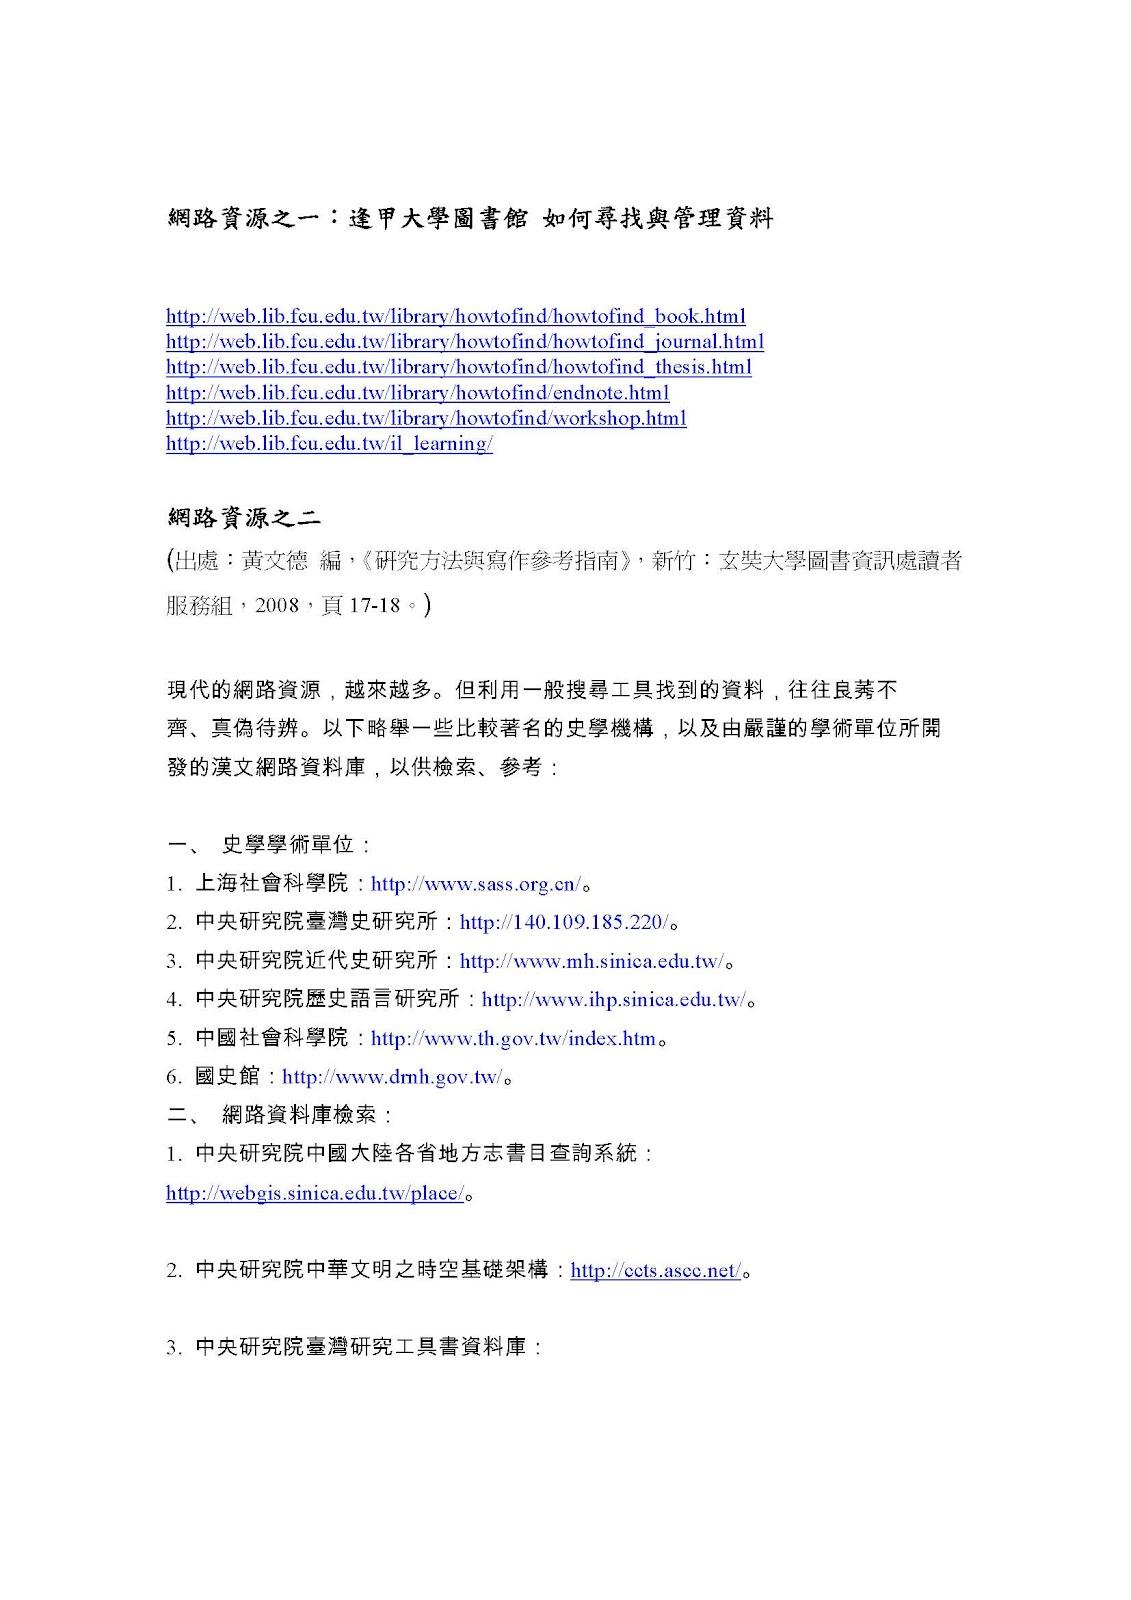 周樑楷的史譜和史圃: 08/01/2012 - 09/01/2012